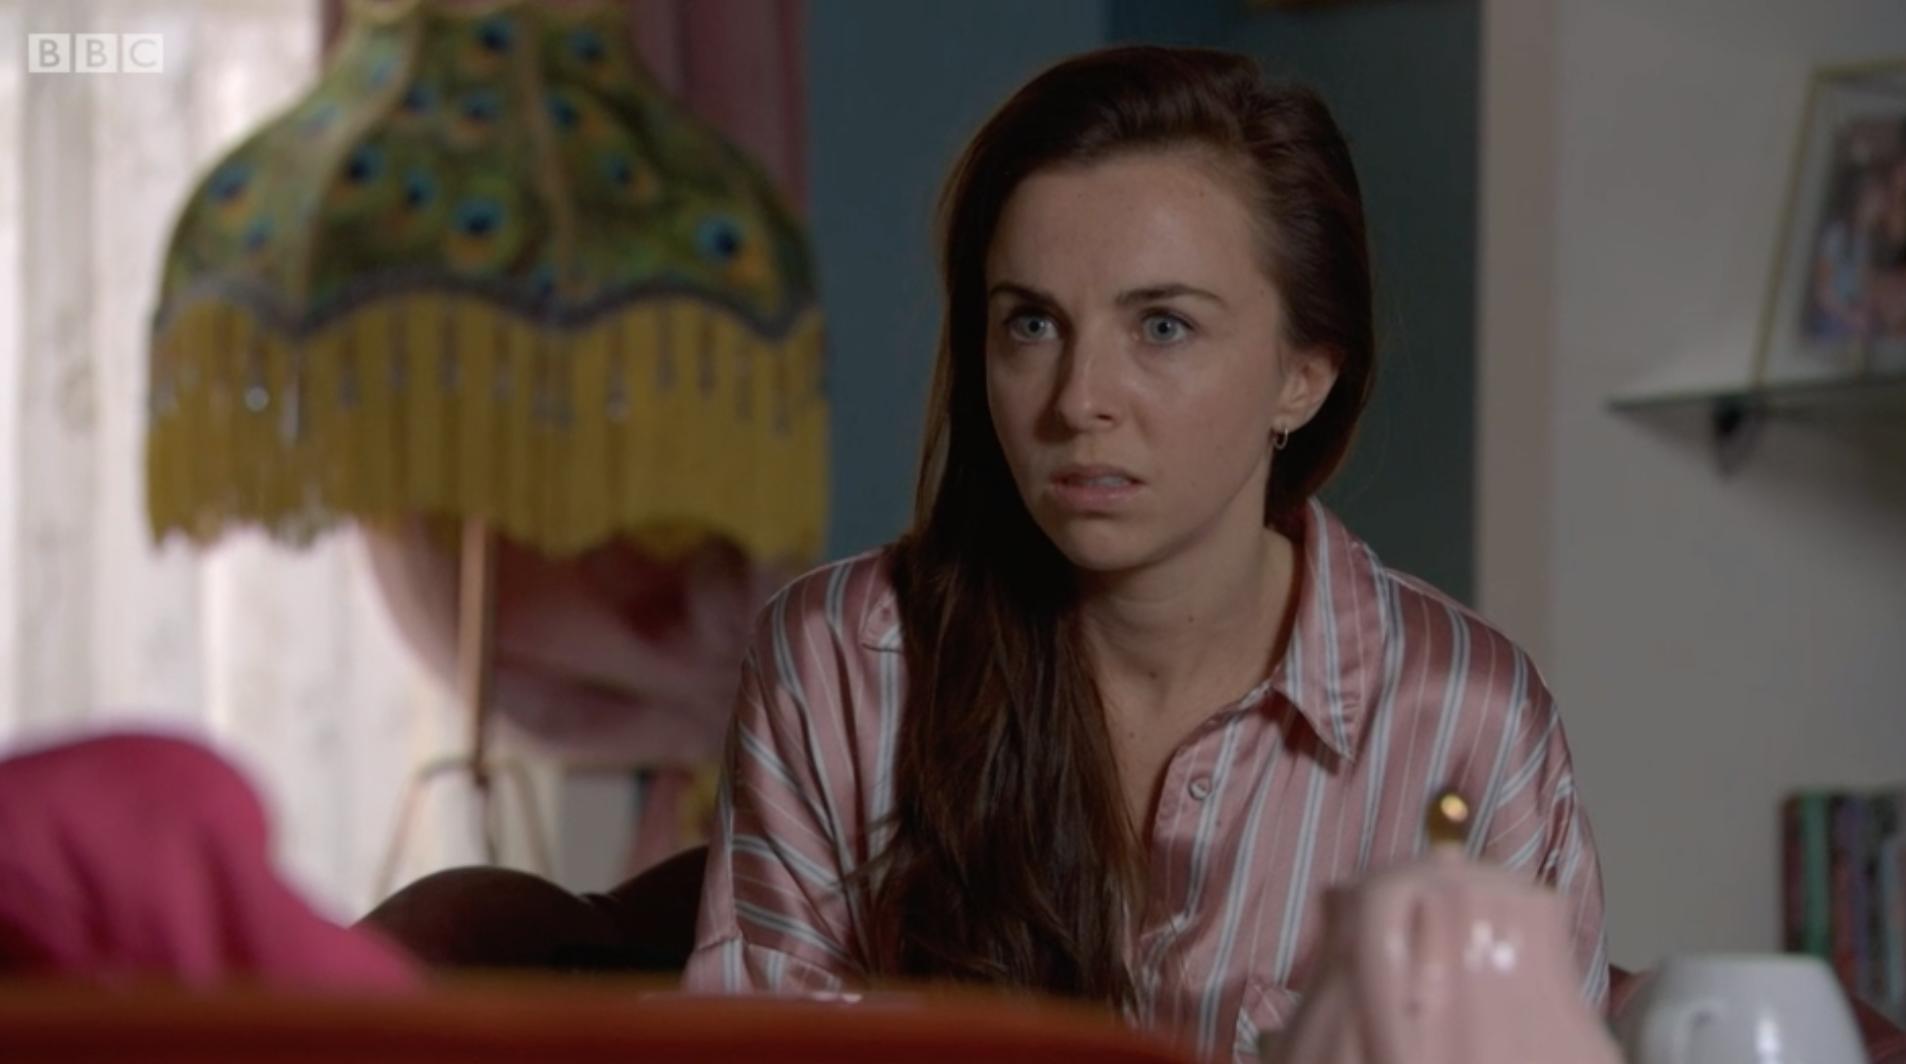 Ruby sorprendida por EastEnders